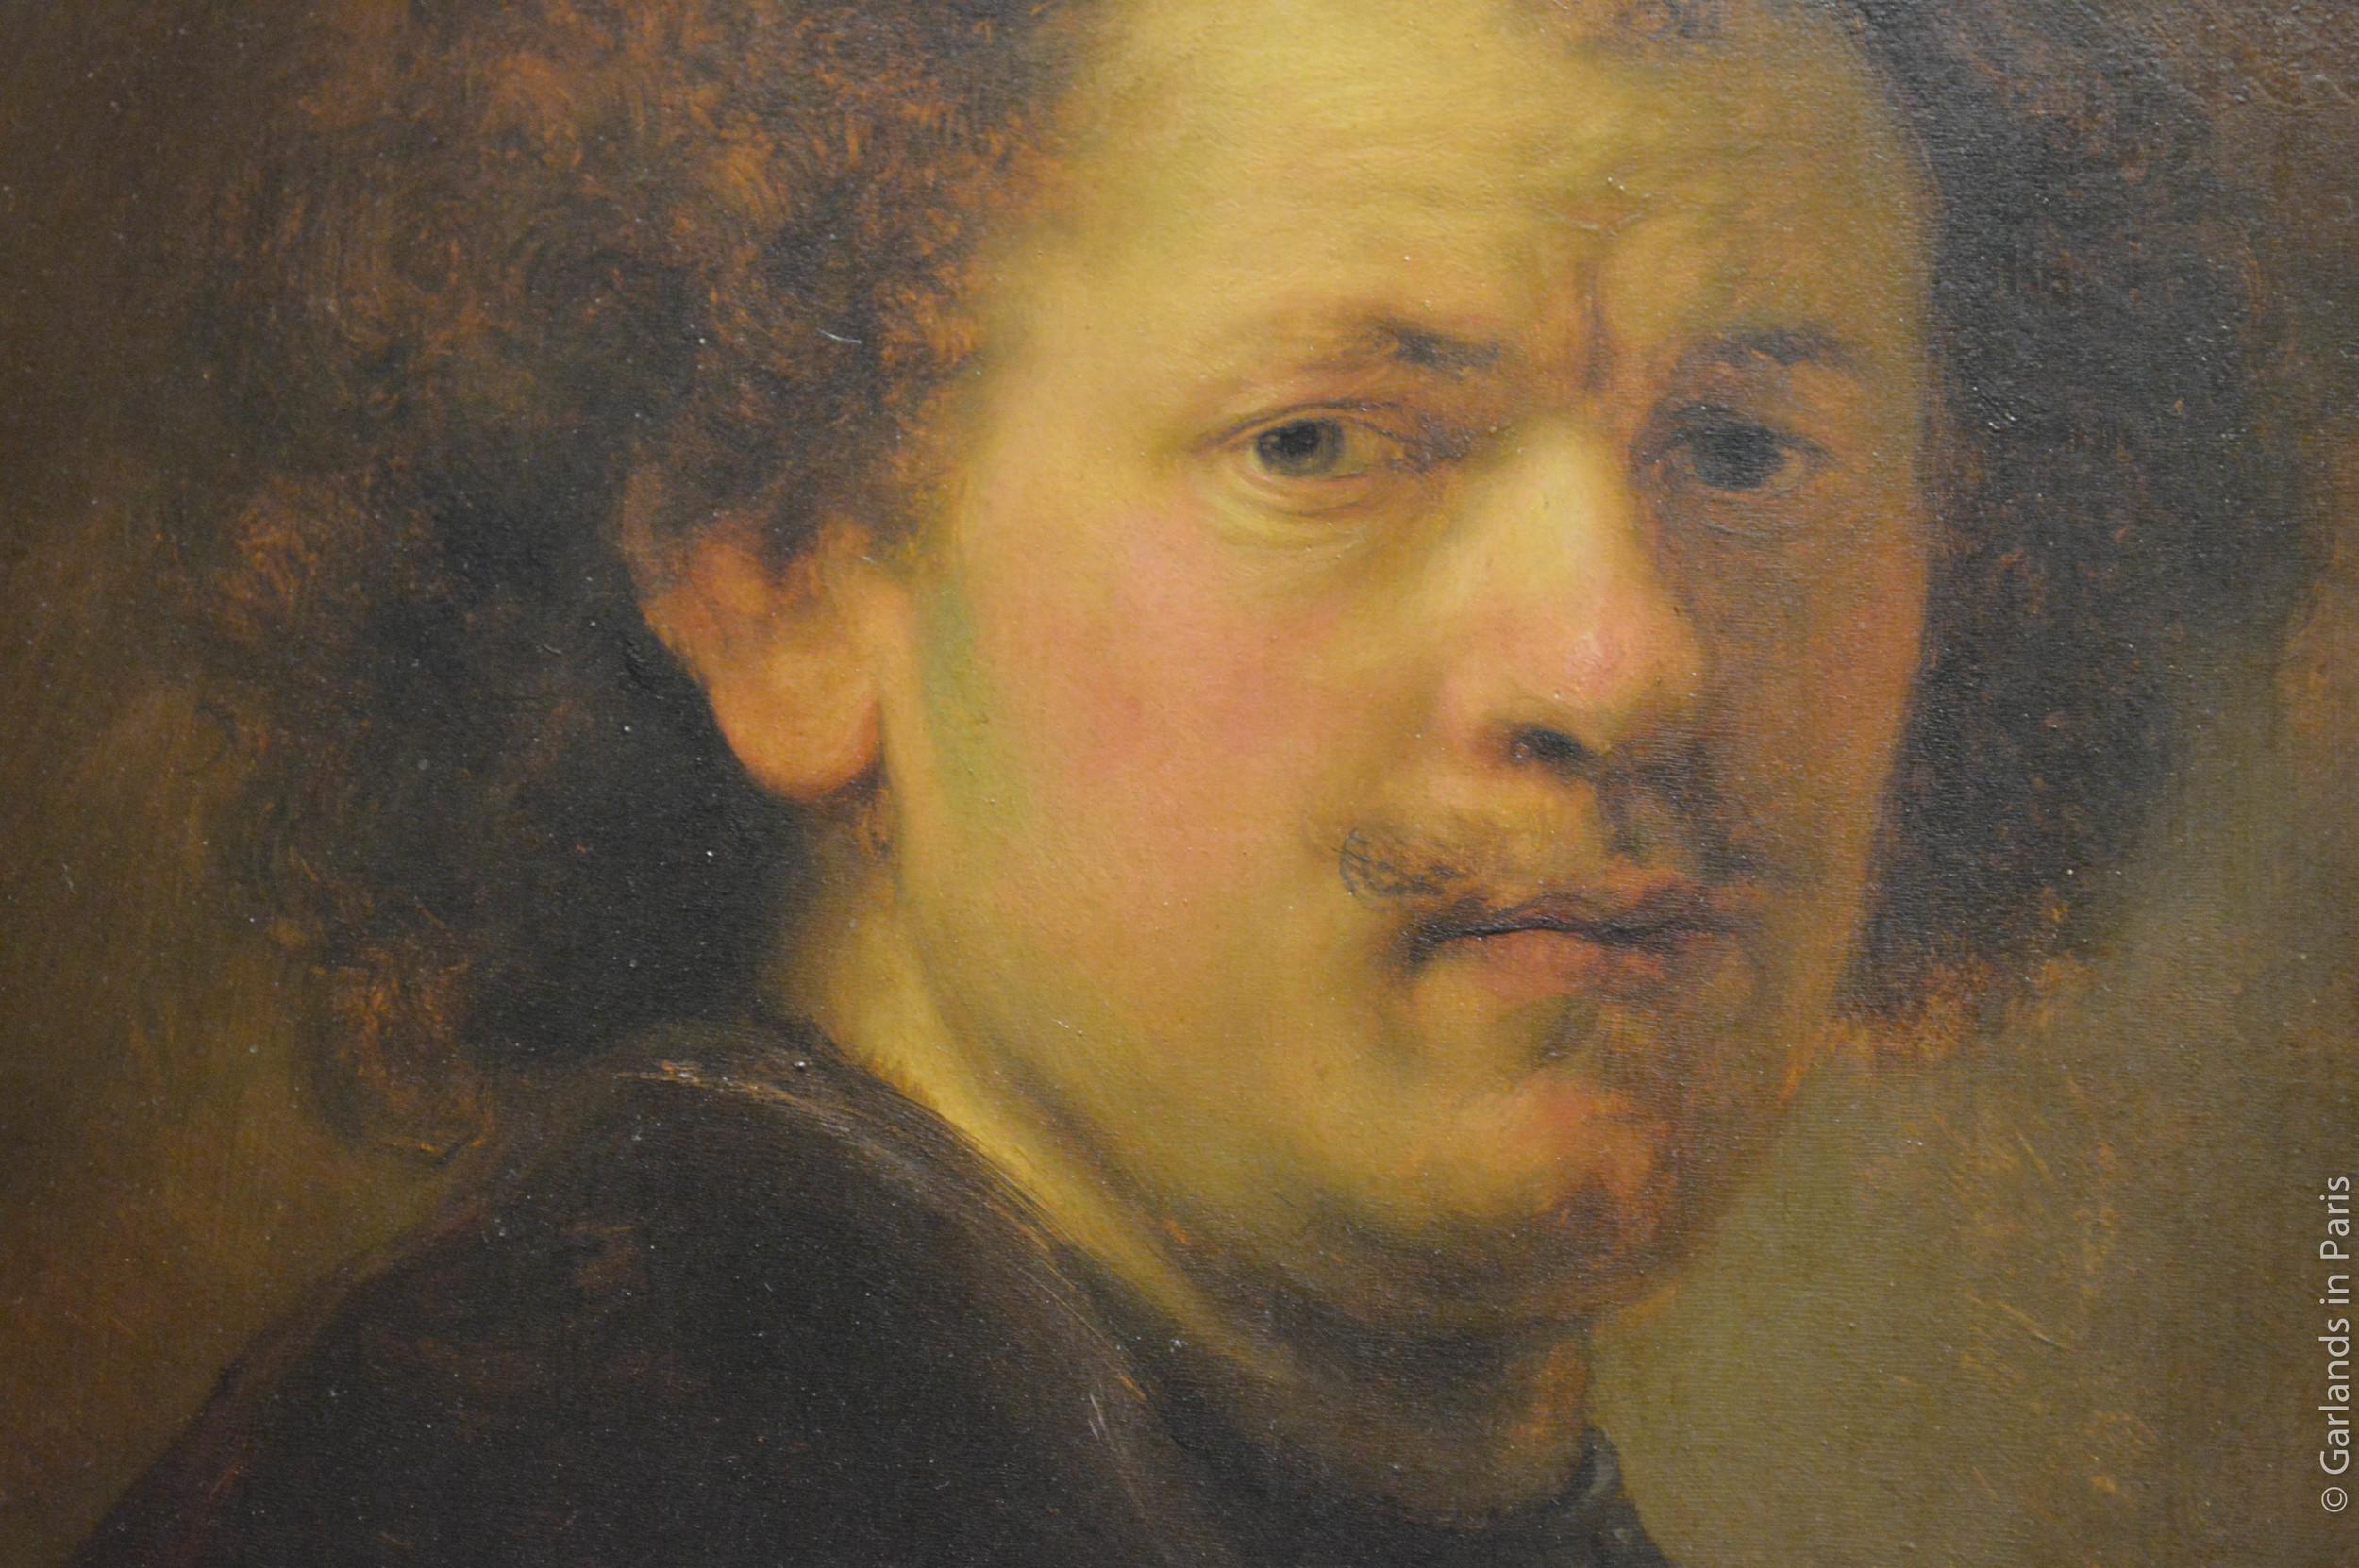 Rembrandt Self-Portrait, Musée du Louvre, Paris